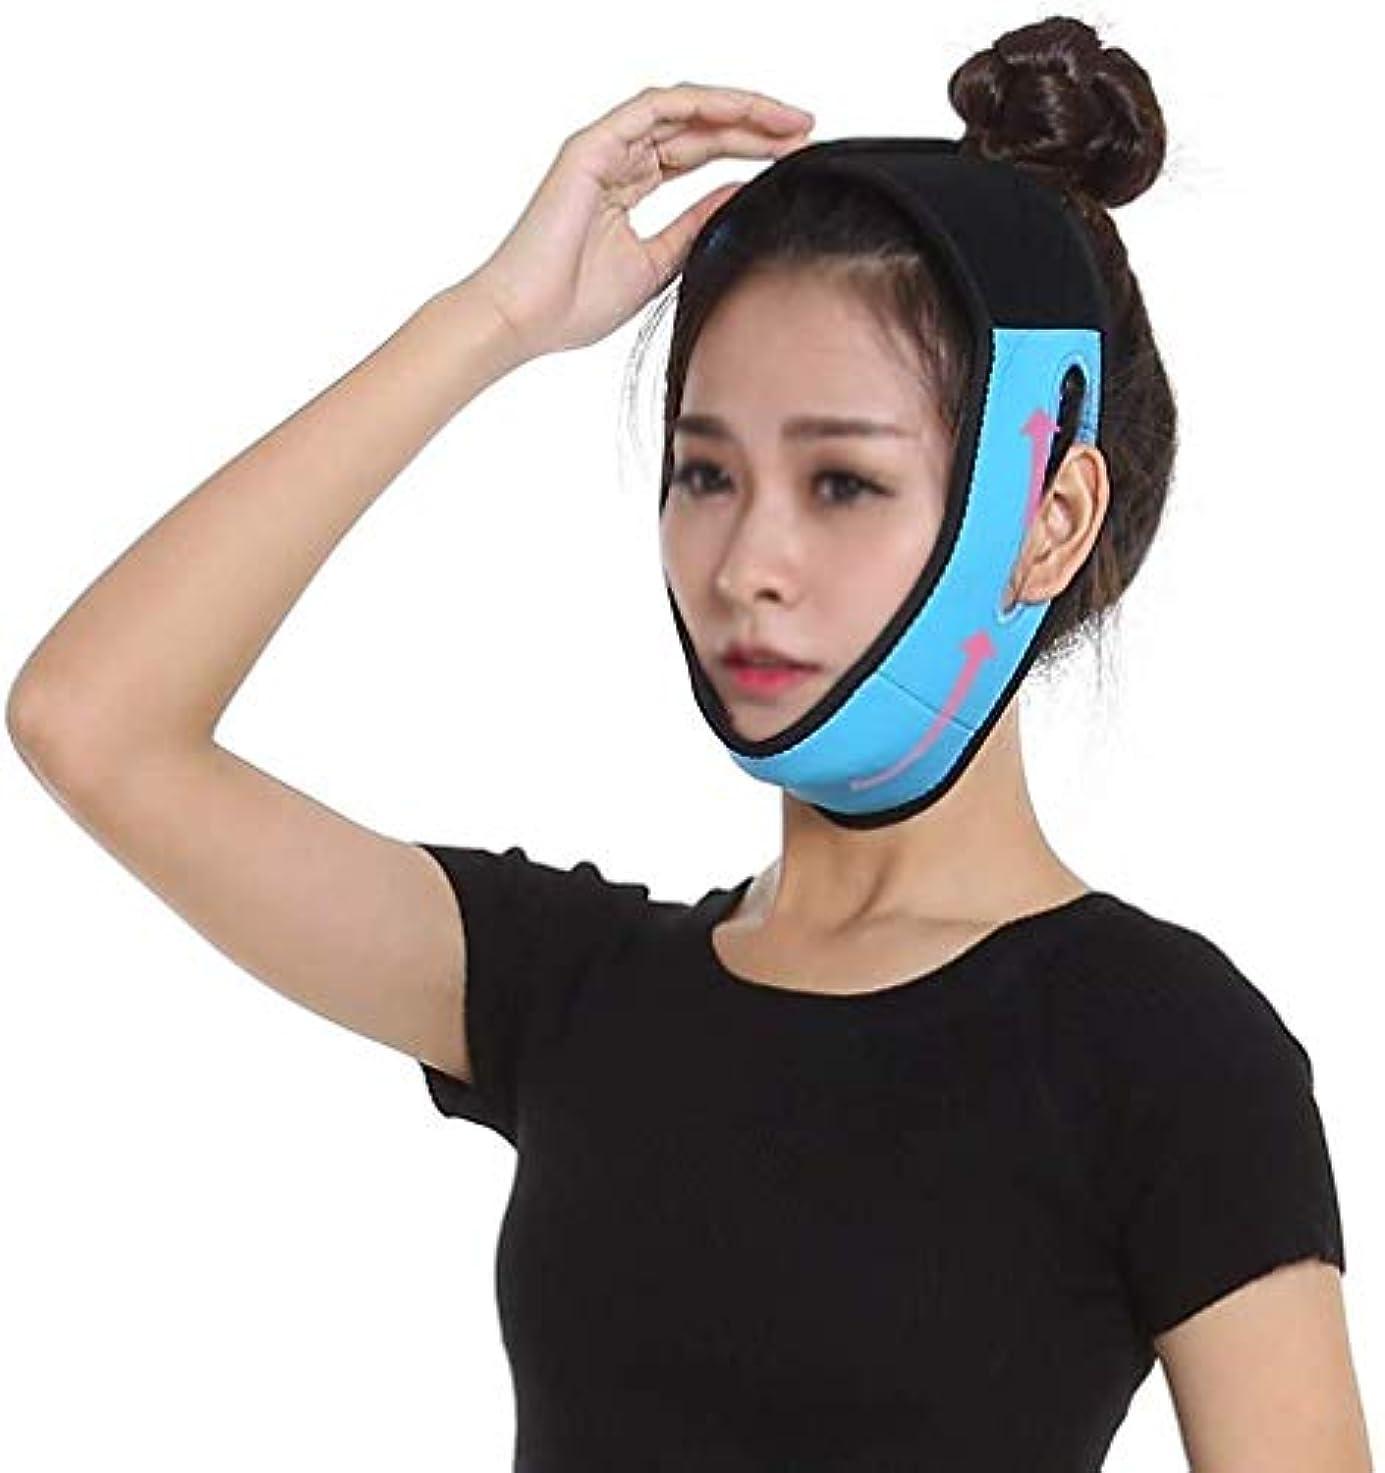 制限学部息子美しさと実用的なスリミングベルト、フェイスマスクVフェイスアーティファクトマッサージマスクは、あごの筋肉の収縮を強化し、Vフェイスリフトのタイトな青い包帯を簡単に形成します